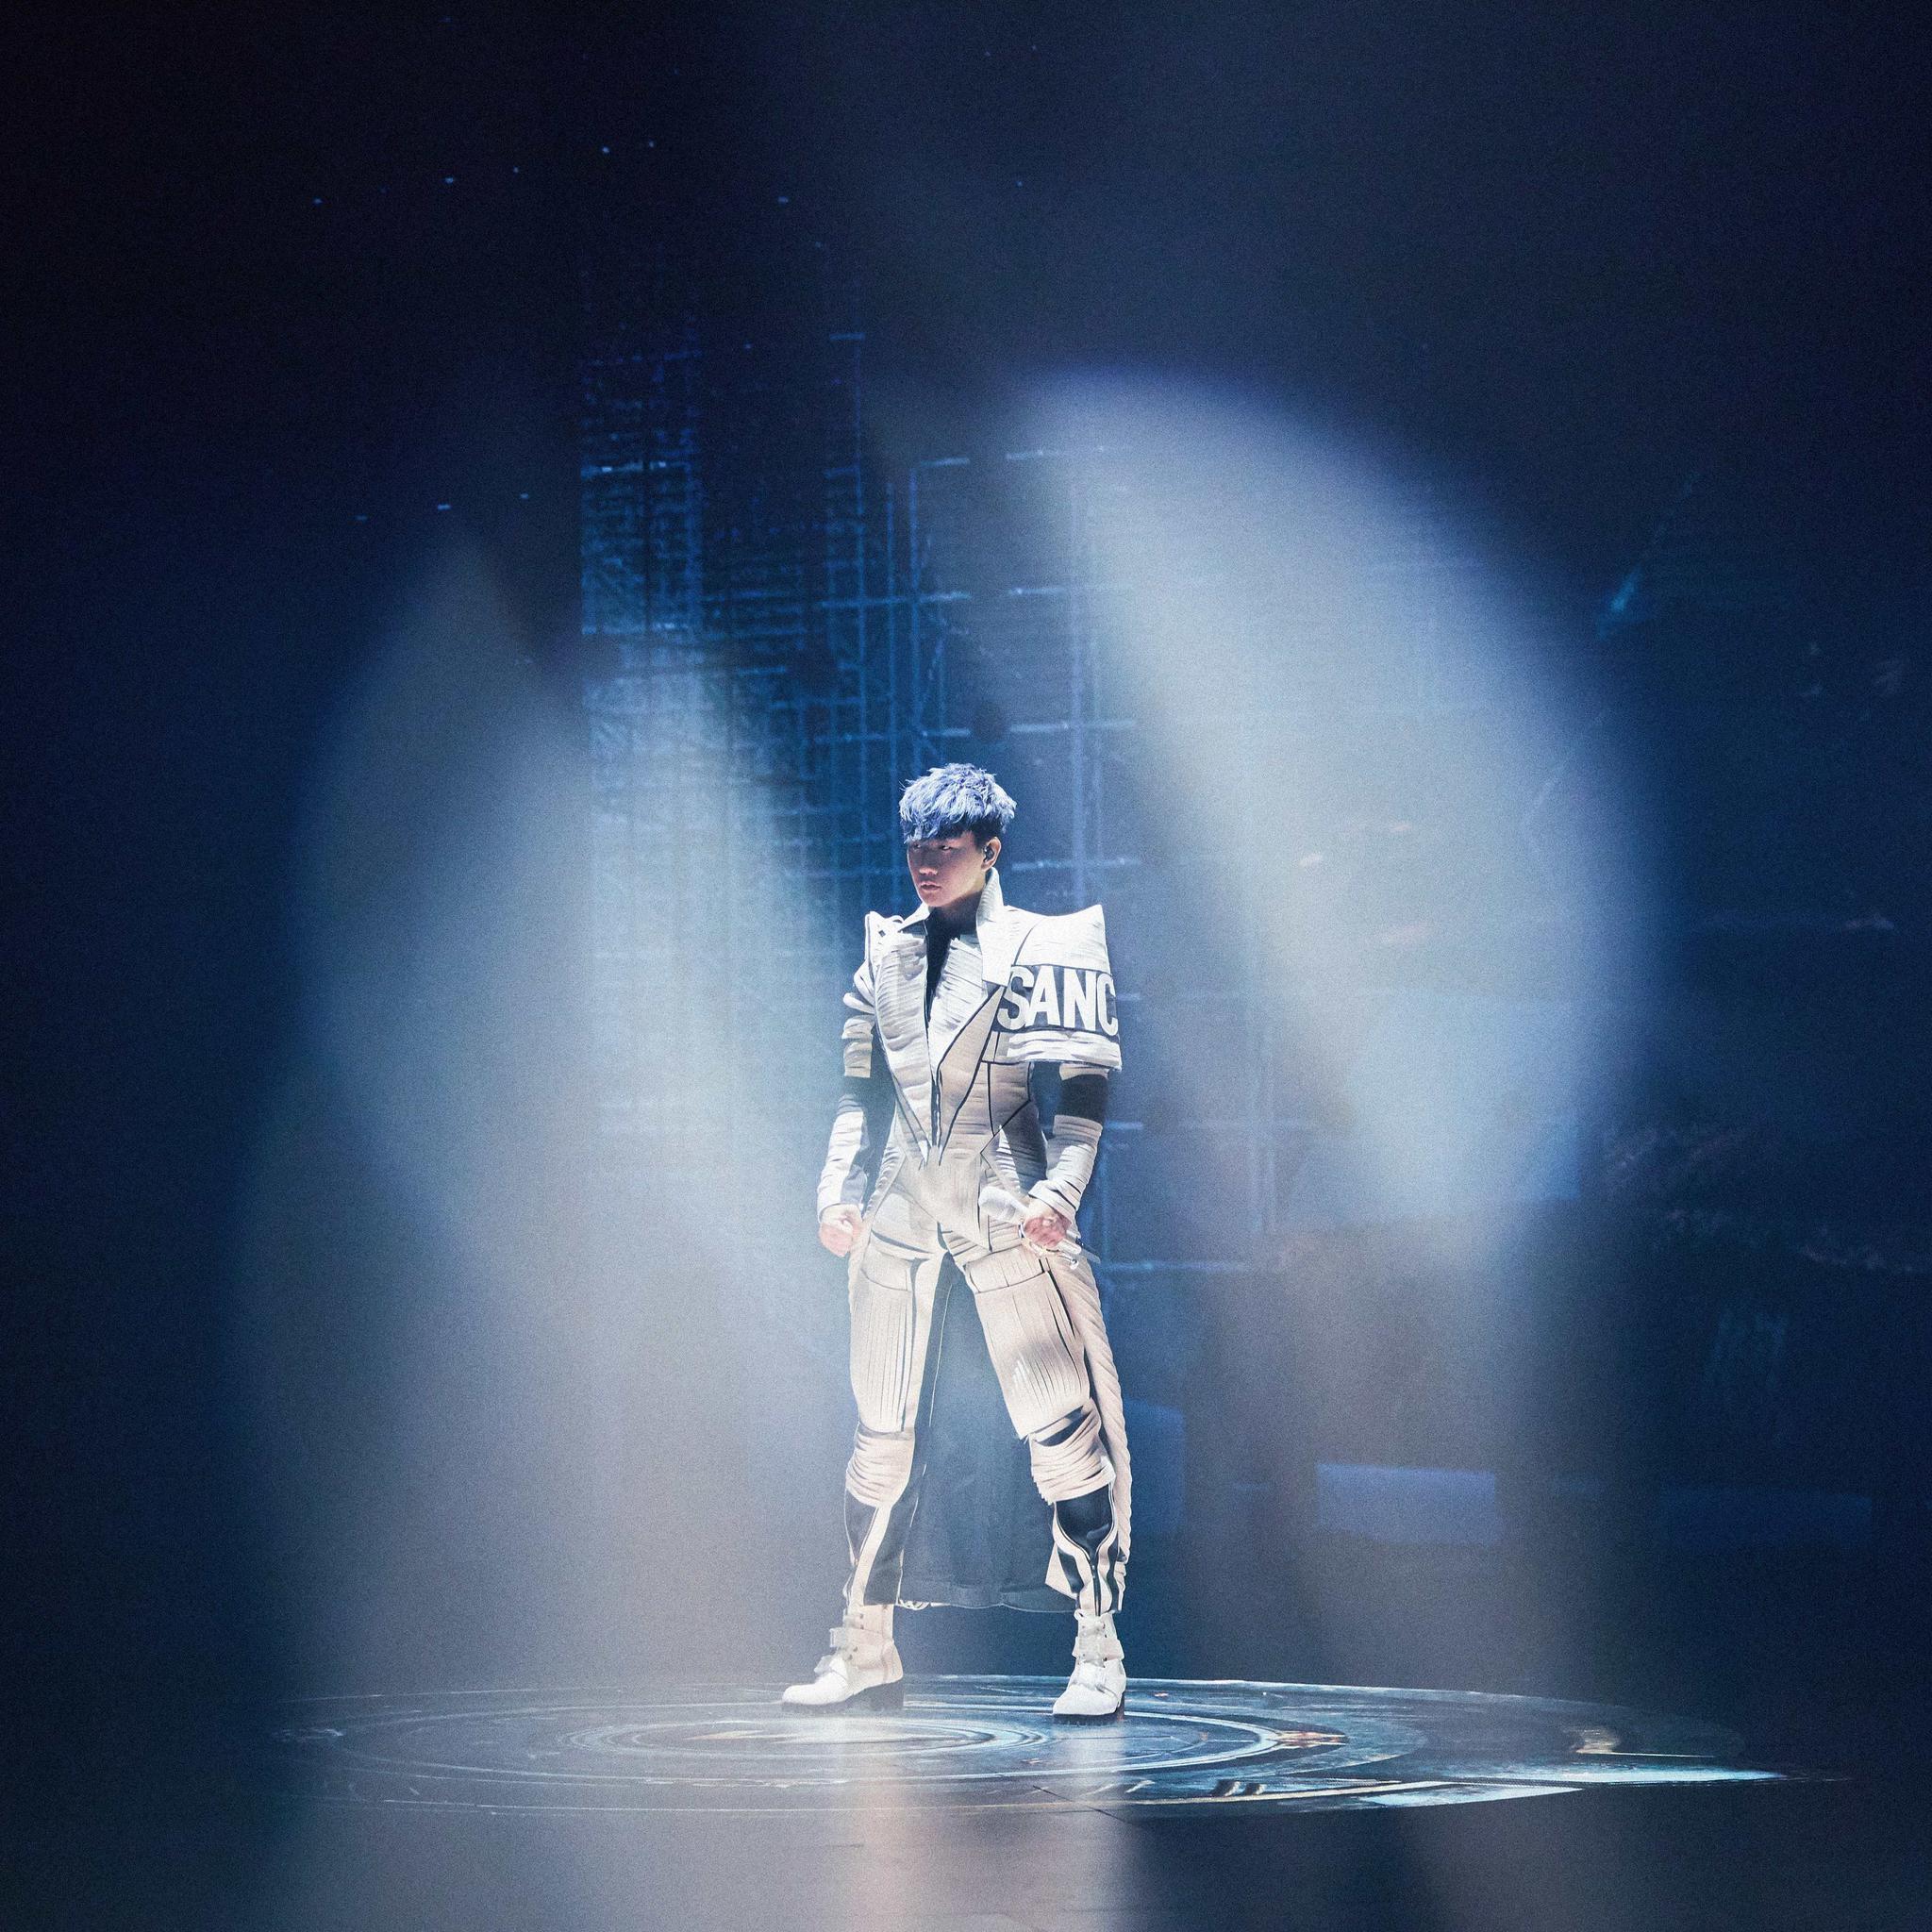 「亚洲唱作天王」林俊杰首场在线售票演唱会《圣所FINALE》终点站即将正式登场